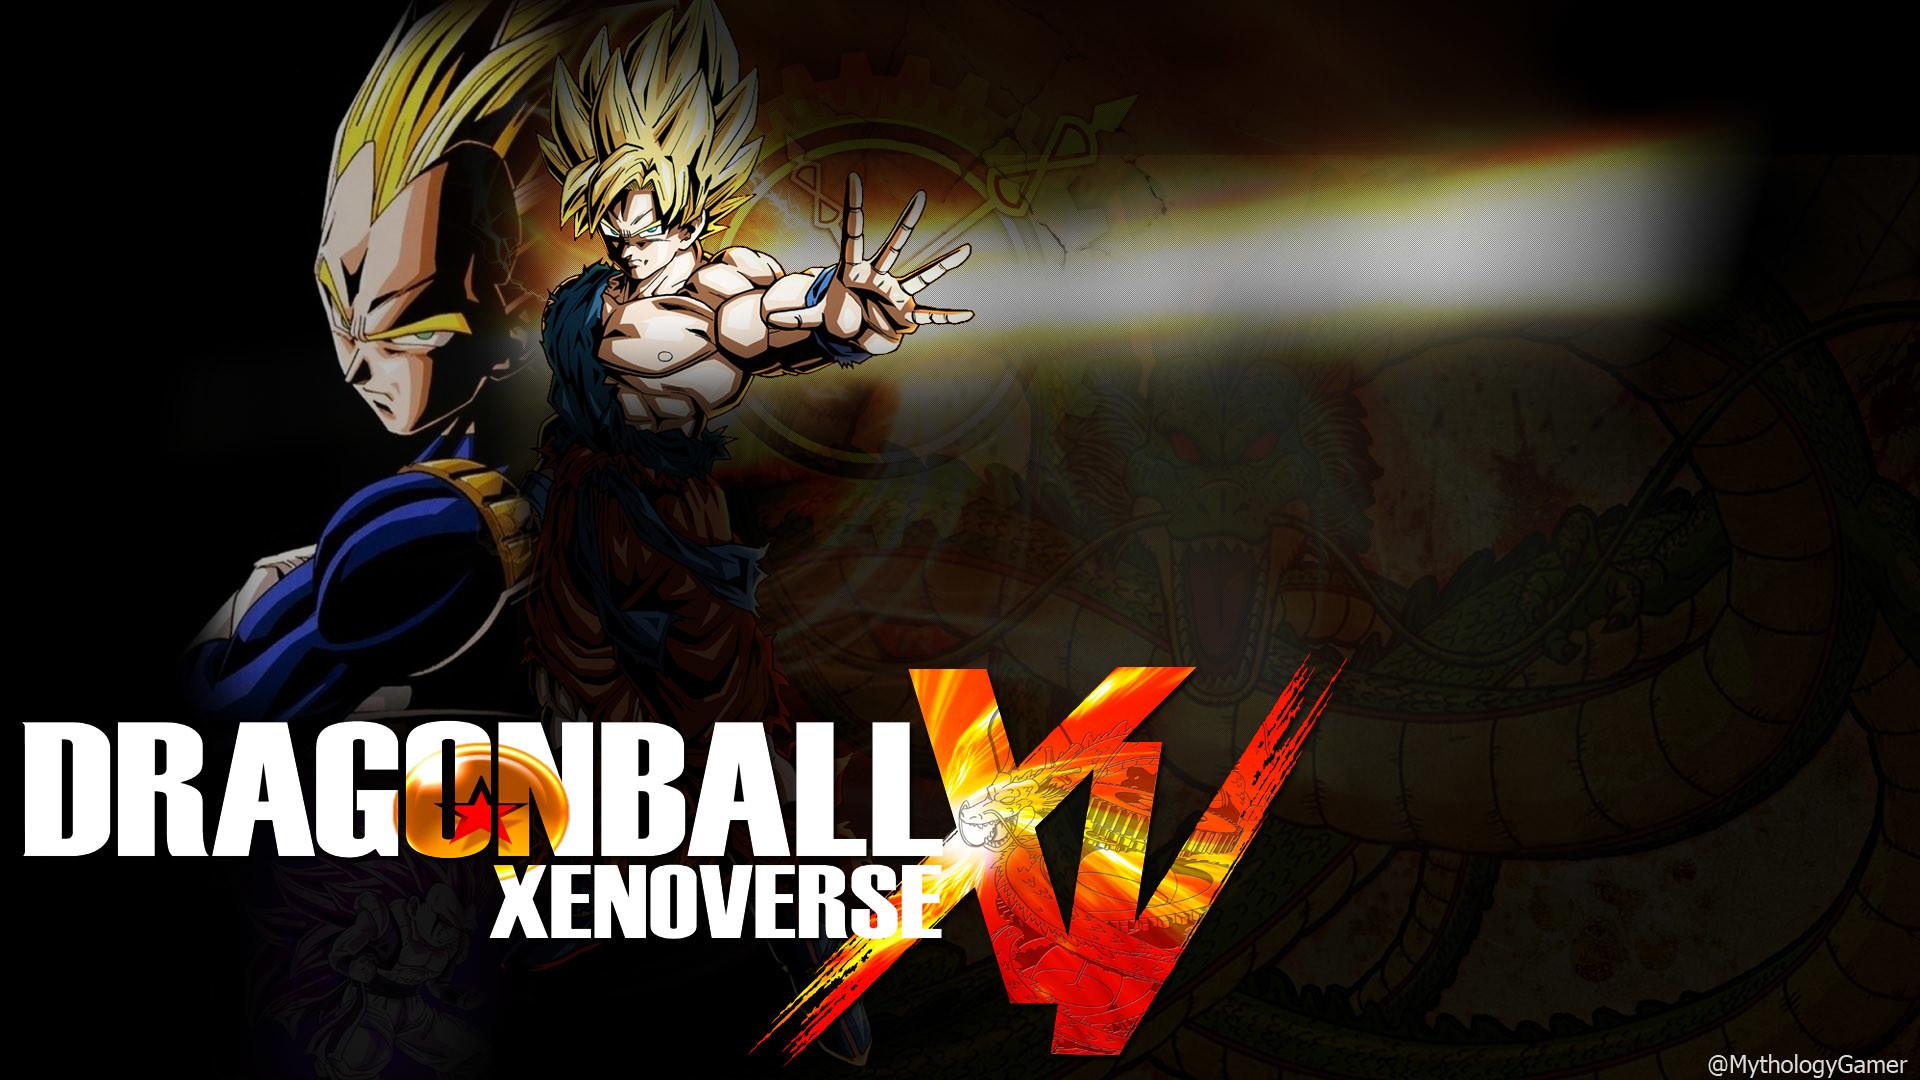 Dragon Ball Xenoverse: Golden Frieza DLC